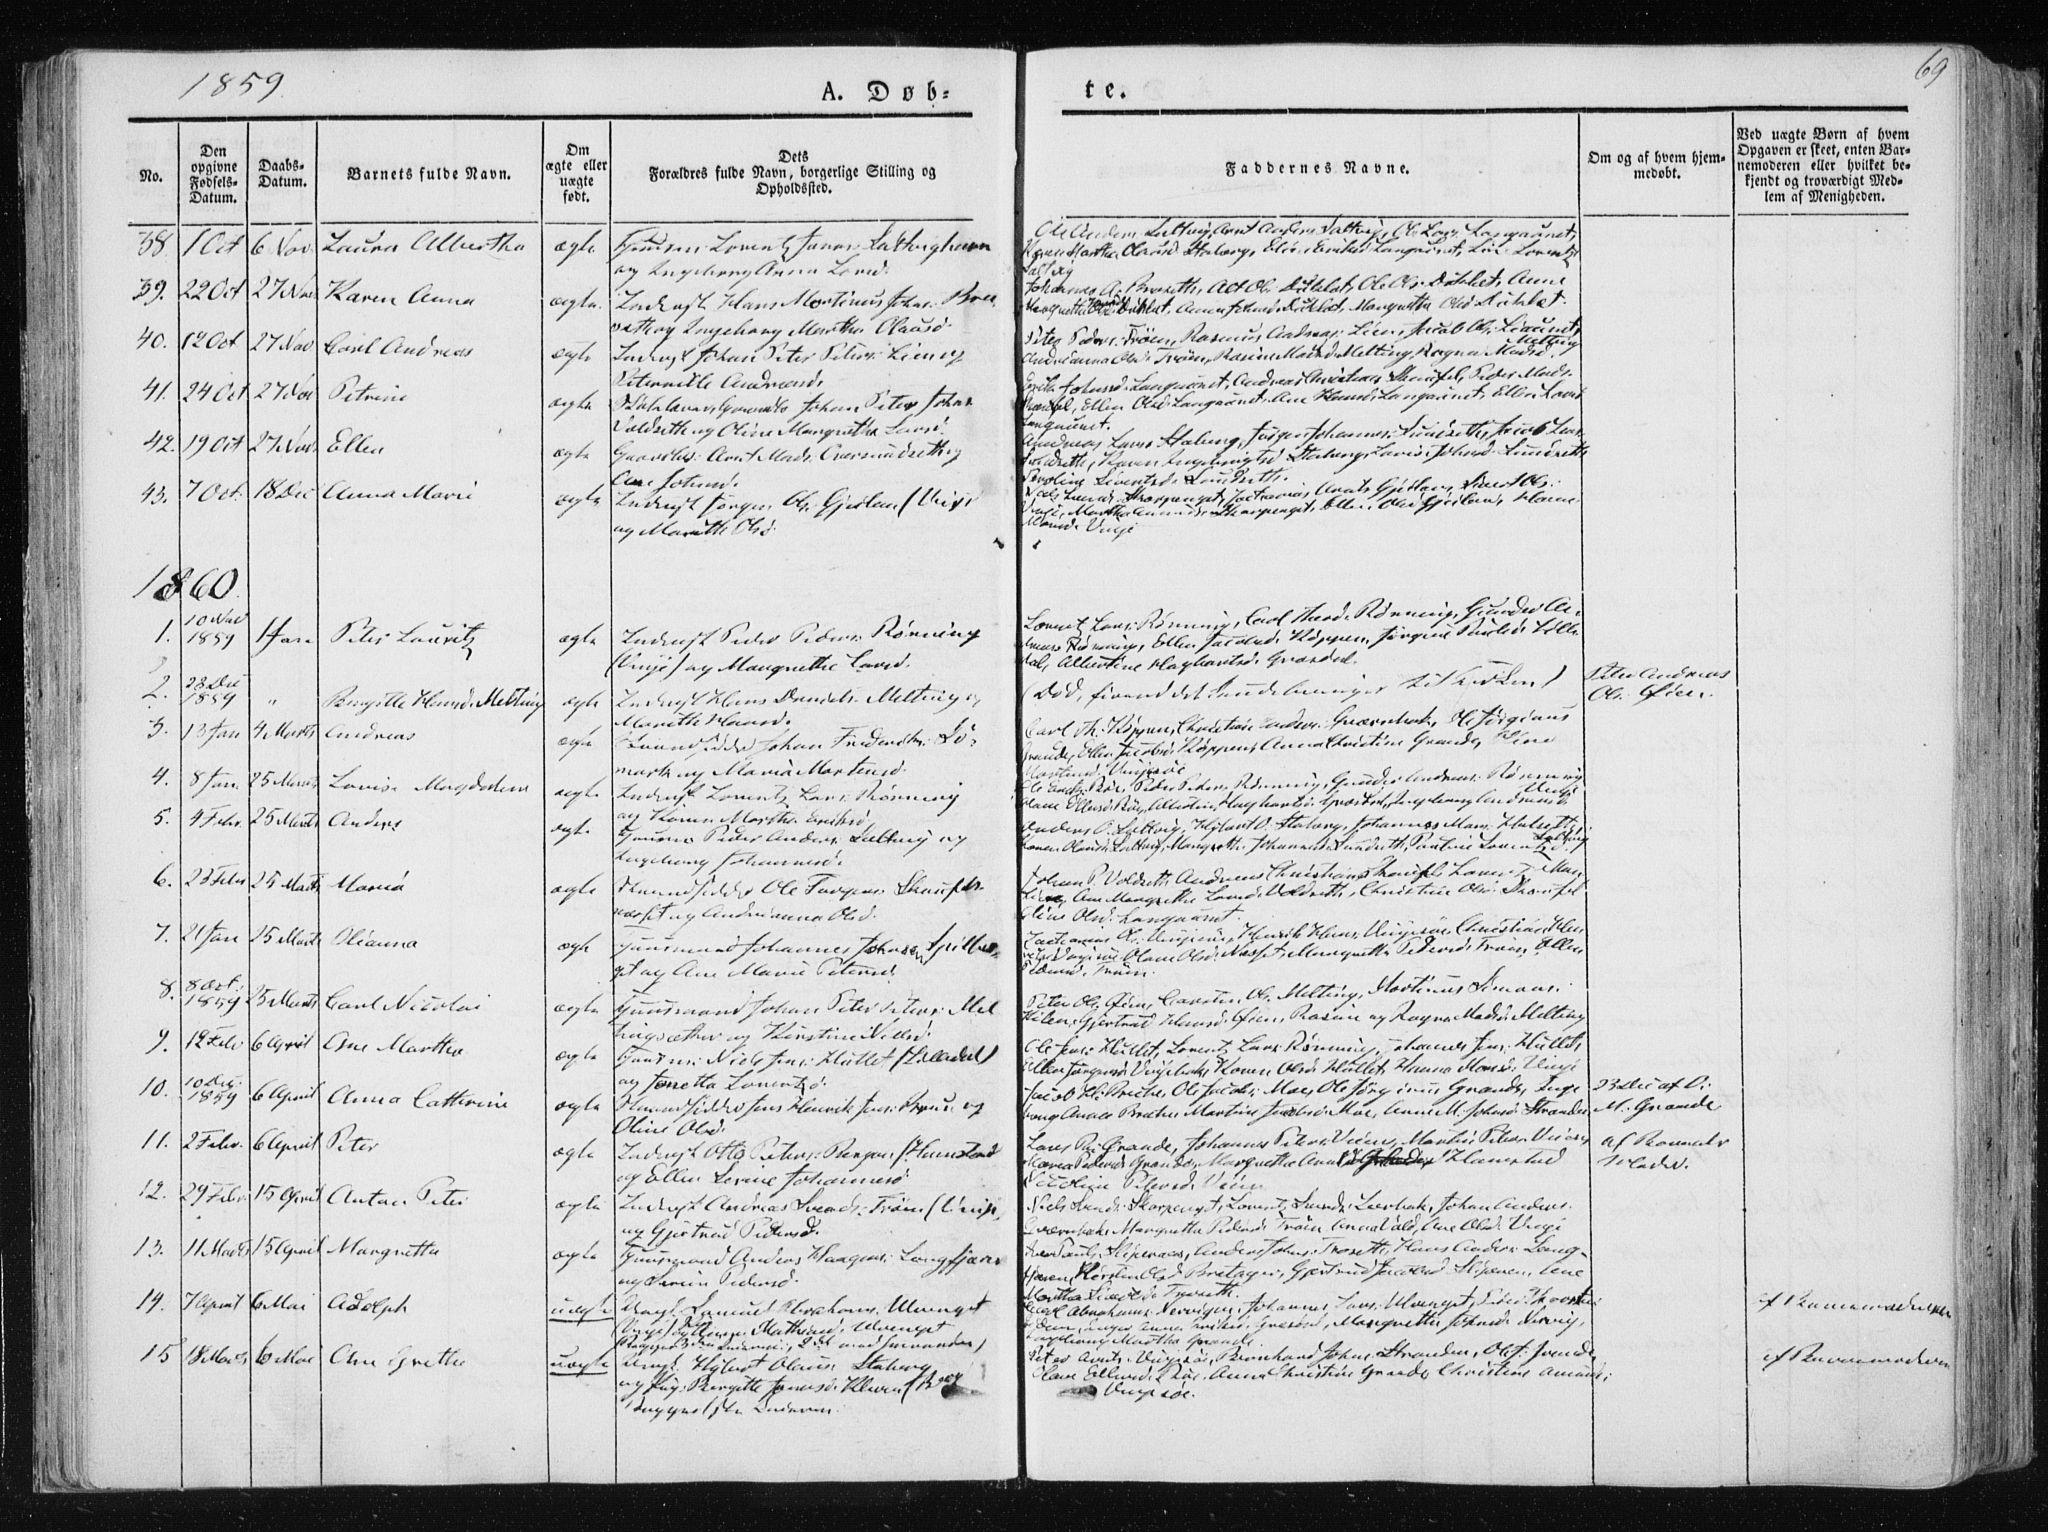 SAT, Ministerialprotokoller, klokkerbøker og fødselsregistre - Nord-Trøndelag, 733/L0323: Ministerialbok nr. 733A02, 1843-1870, s. 69